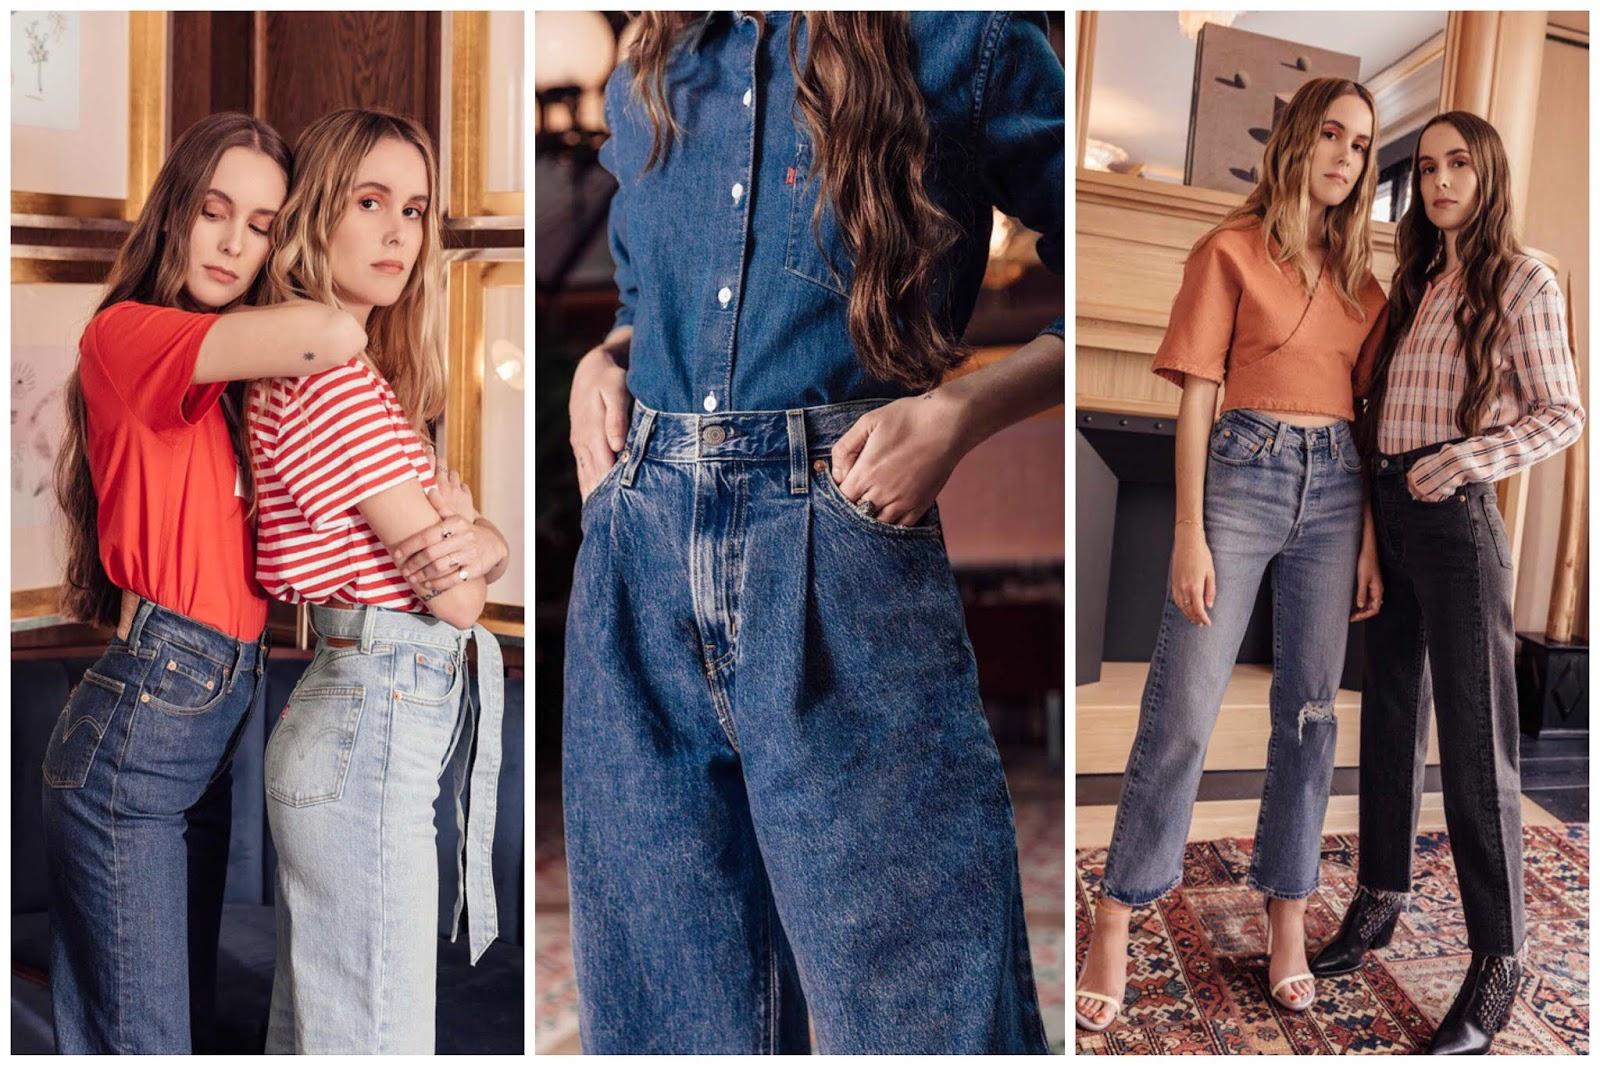 jeans de cintura alta - tendencia 2019